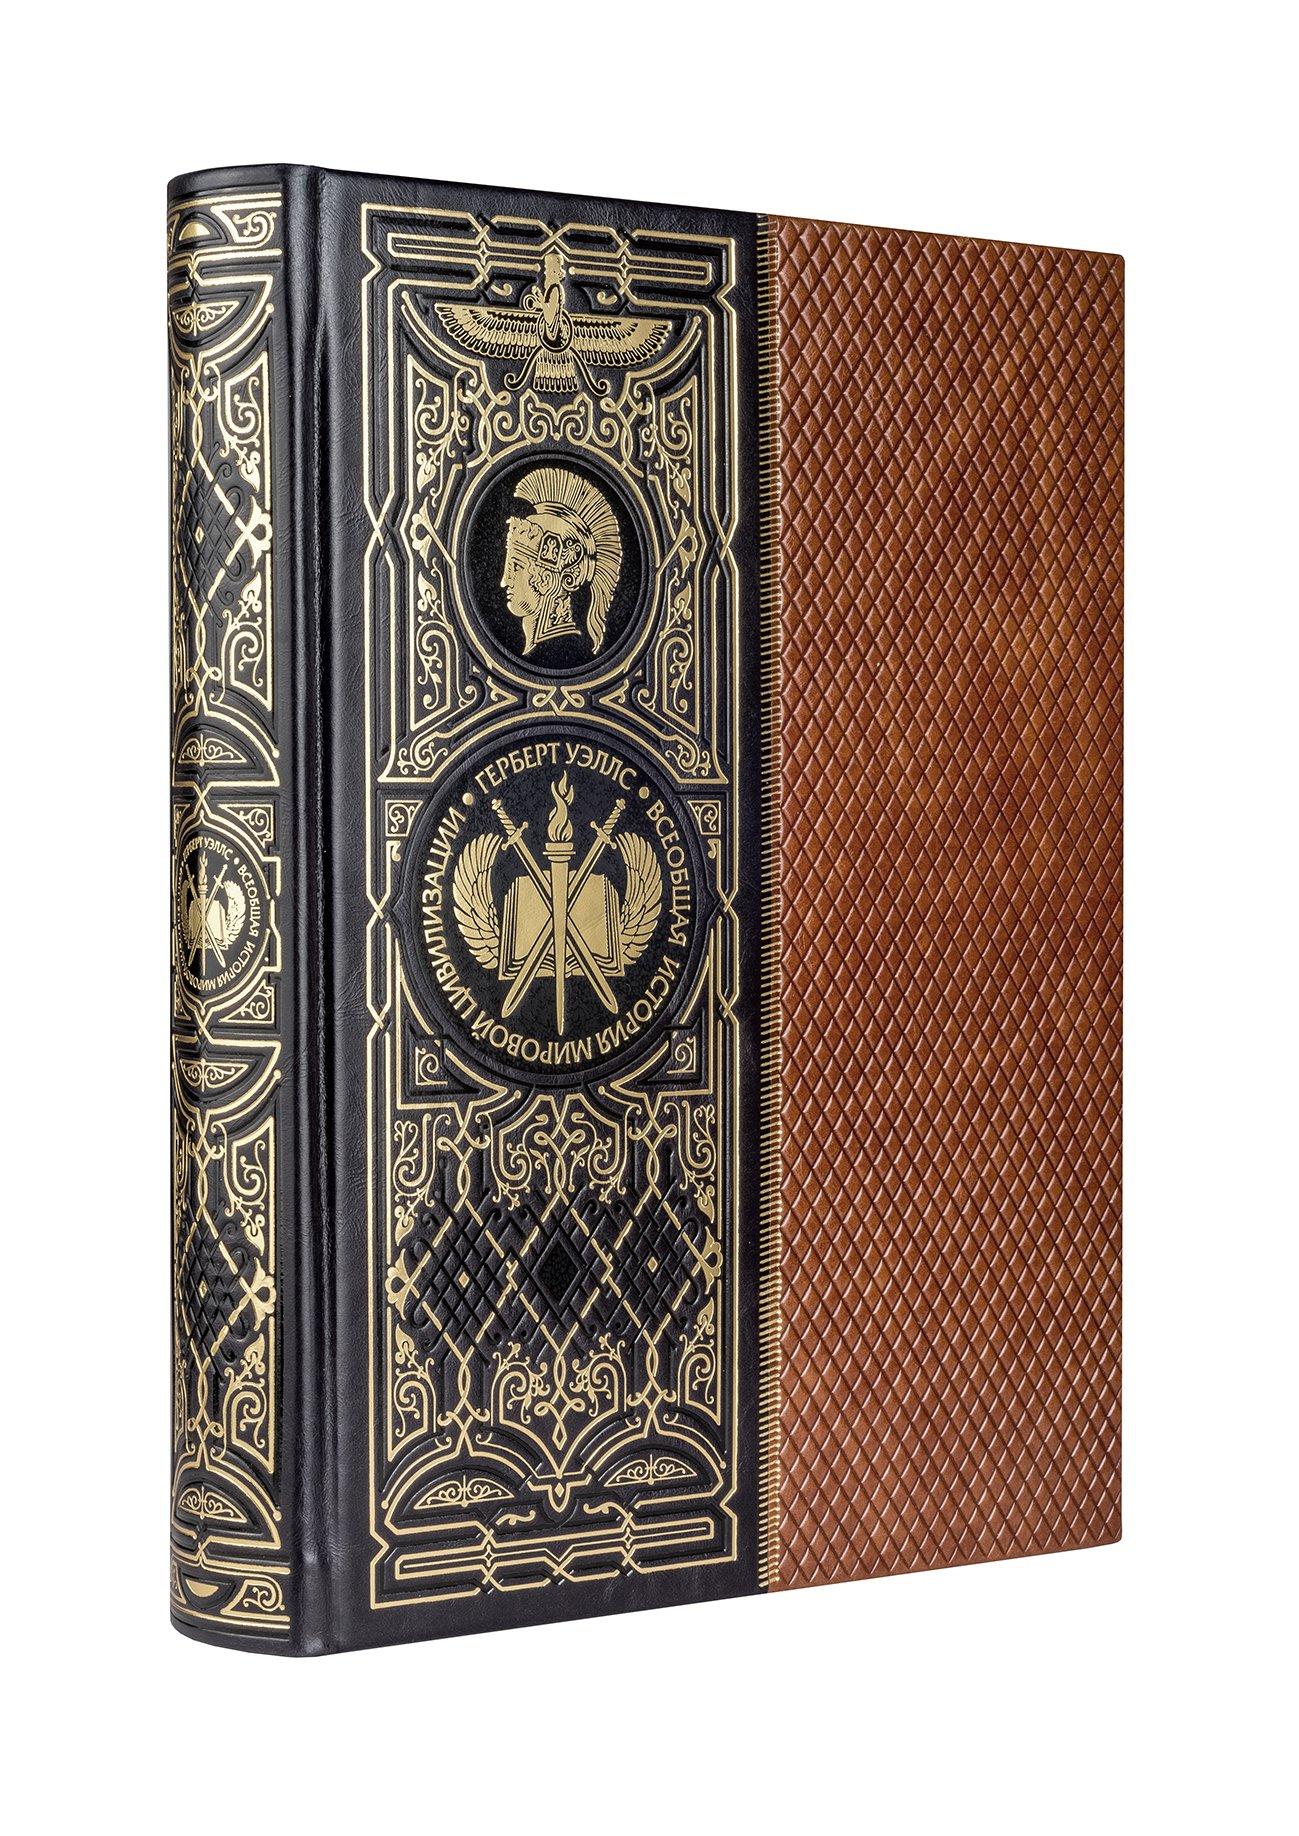 Всеобщая история мировой цивилизации. Книга в коллекционном кожаном переплете ручной работы с окрашенным обрезом ( Уэллс Герберт Джордж  )